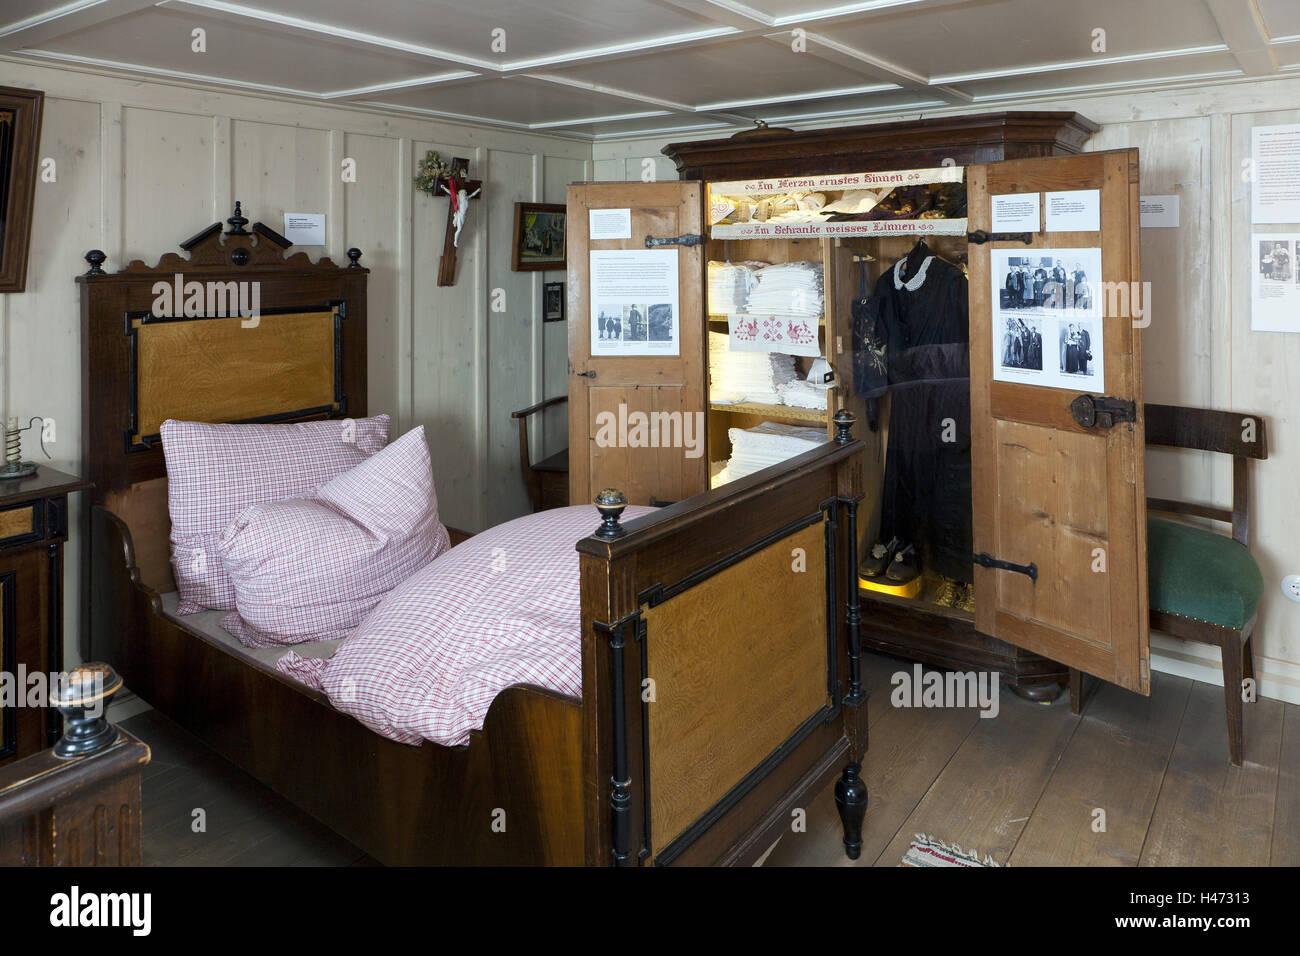 Immagini Di Camere Da Letto Di Montagna : Di montagna allgäuer pegni museum dormire camera letto armadio